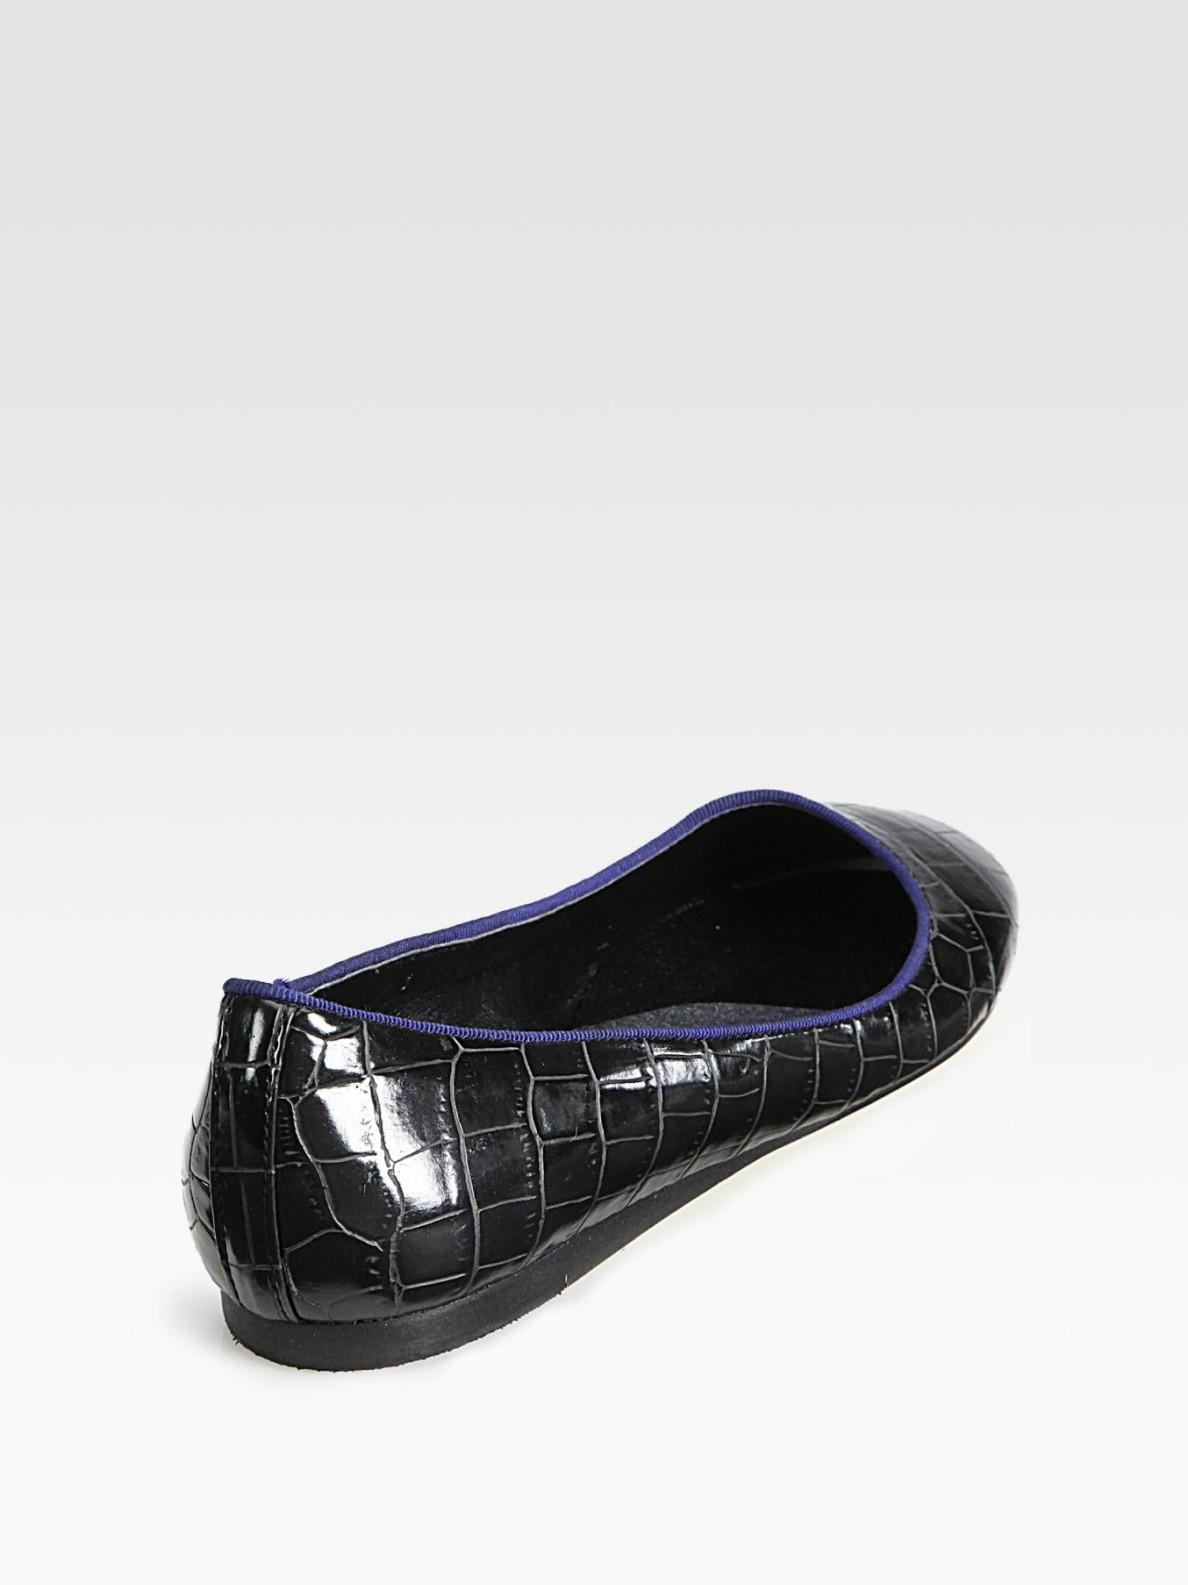 Stella mc cartney Ballet Flats aZCtJZkLbC